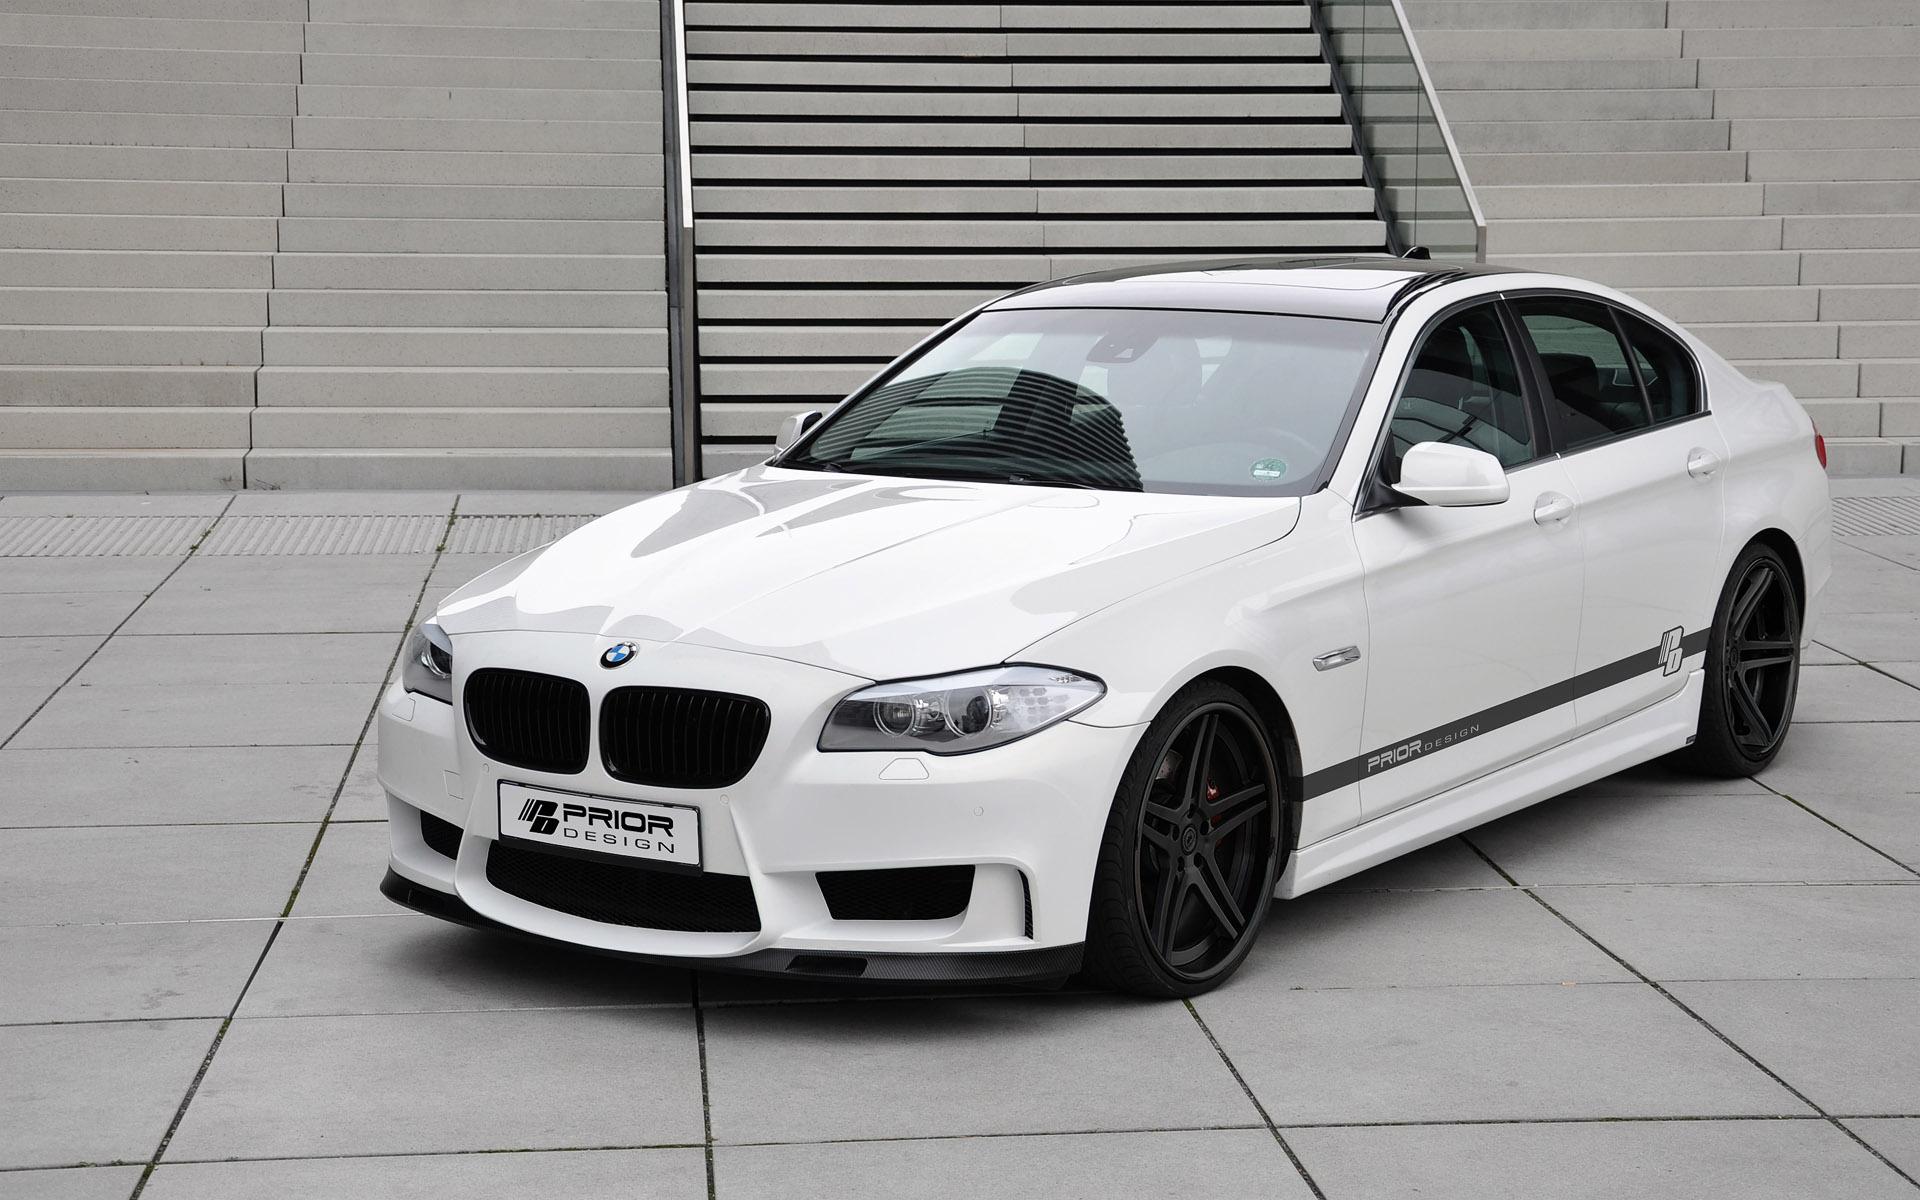 http://www.automobilesreview.com/img/2012-prior-design-bmw-5-series-f10-pd-r/prior-design-5-series-f10-pd-r-06.jpg